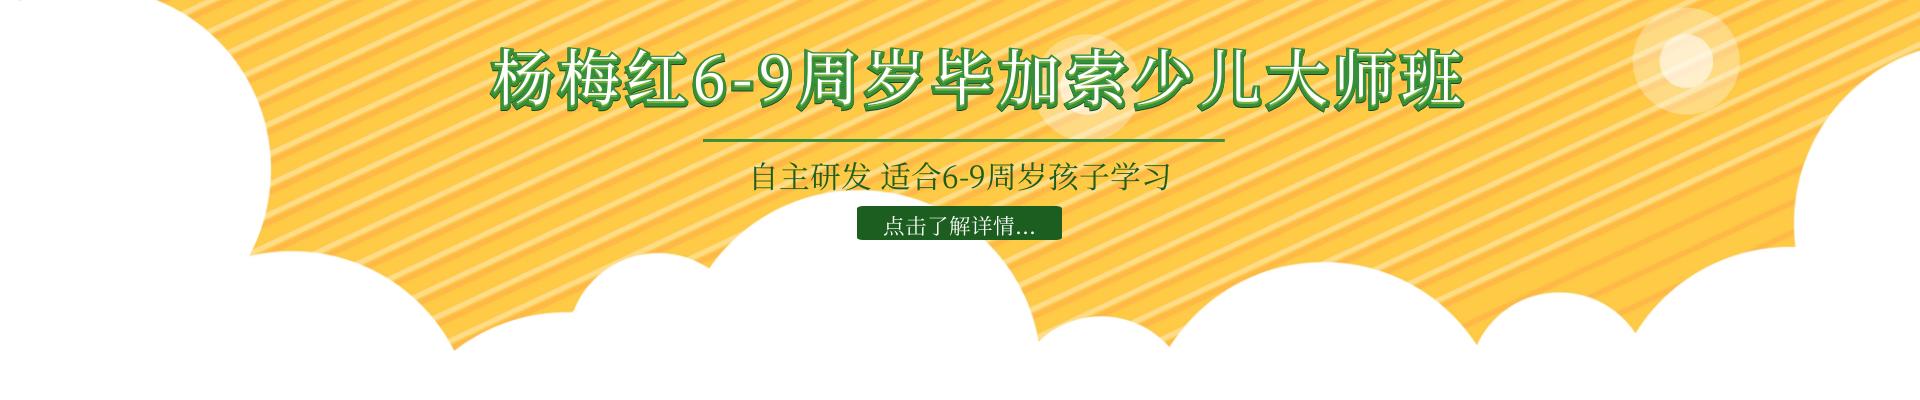 株洲神农太阳城杨梅红国际私立美校